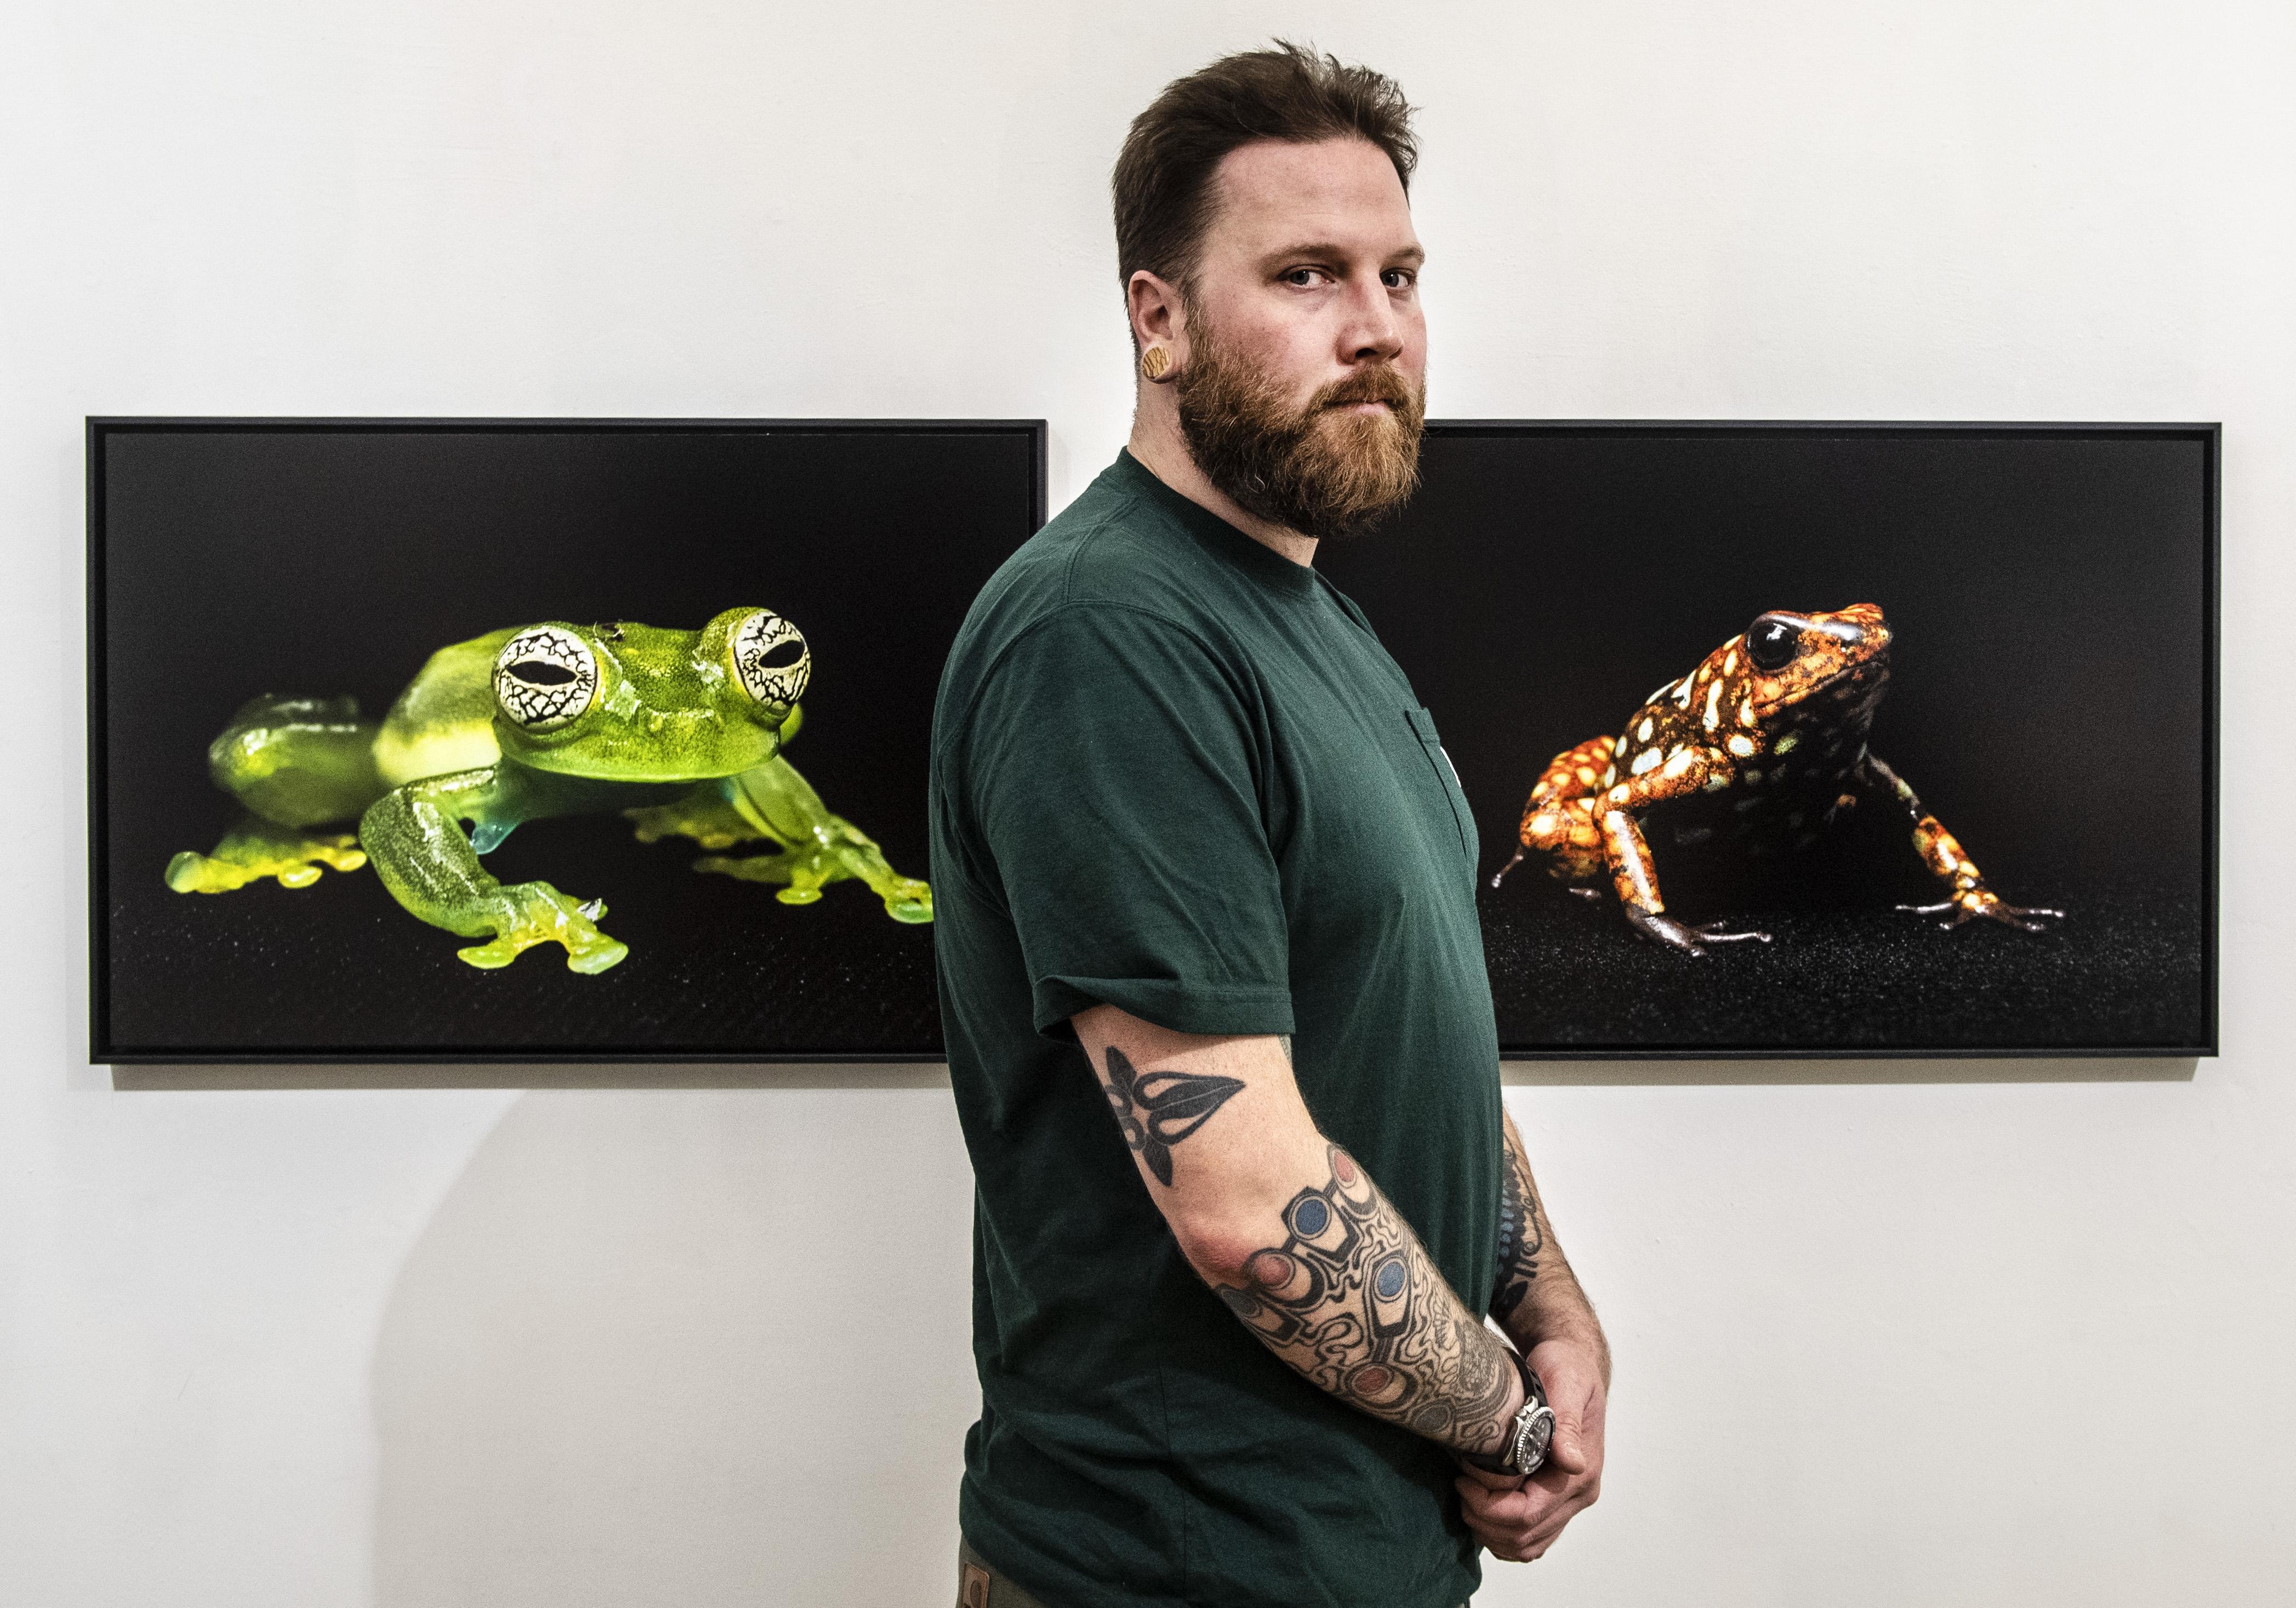 Fotograaf Peter Lipton geeft uitstervende kikkers in Ecudaor een gezicht voor de buitenwereld en exposeert in fotogalerie De Gang in Haarlem